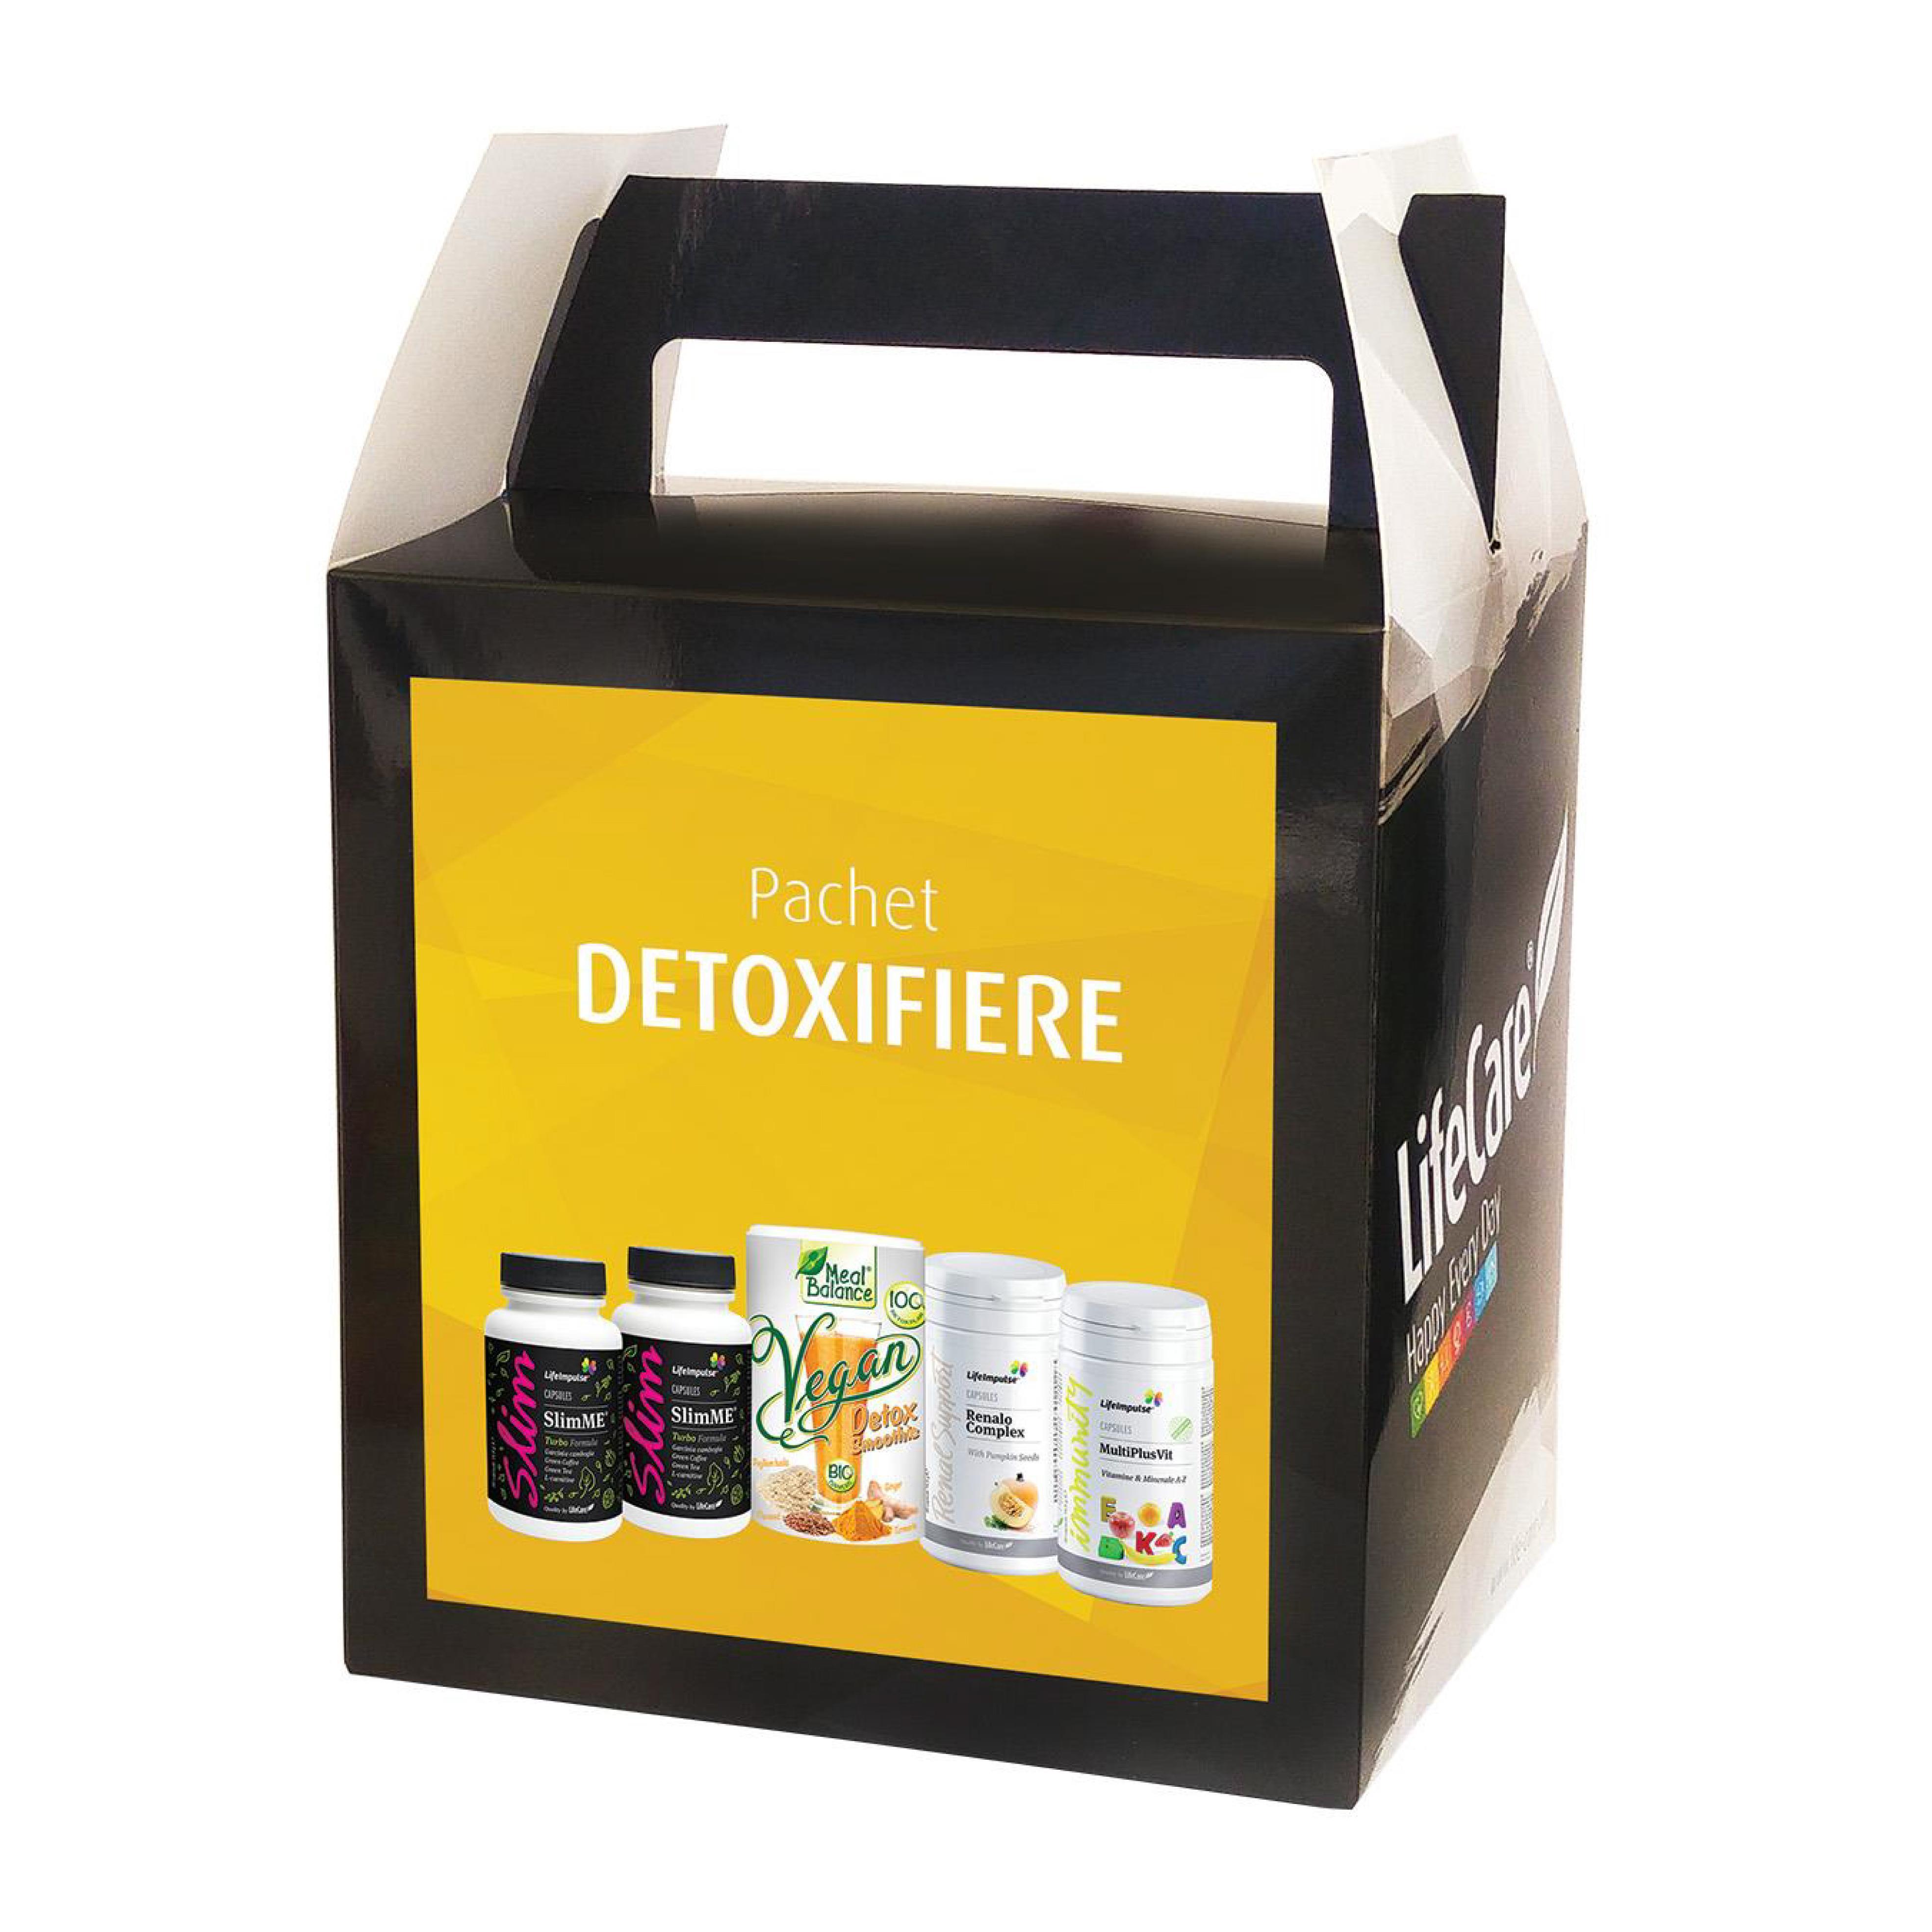 detoxifiere corp)